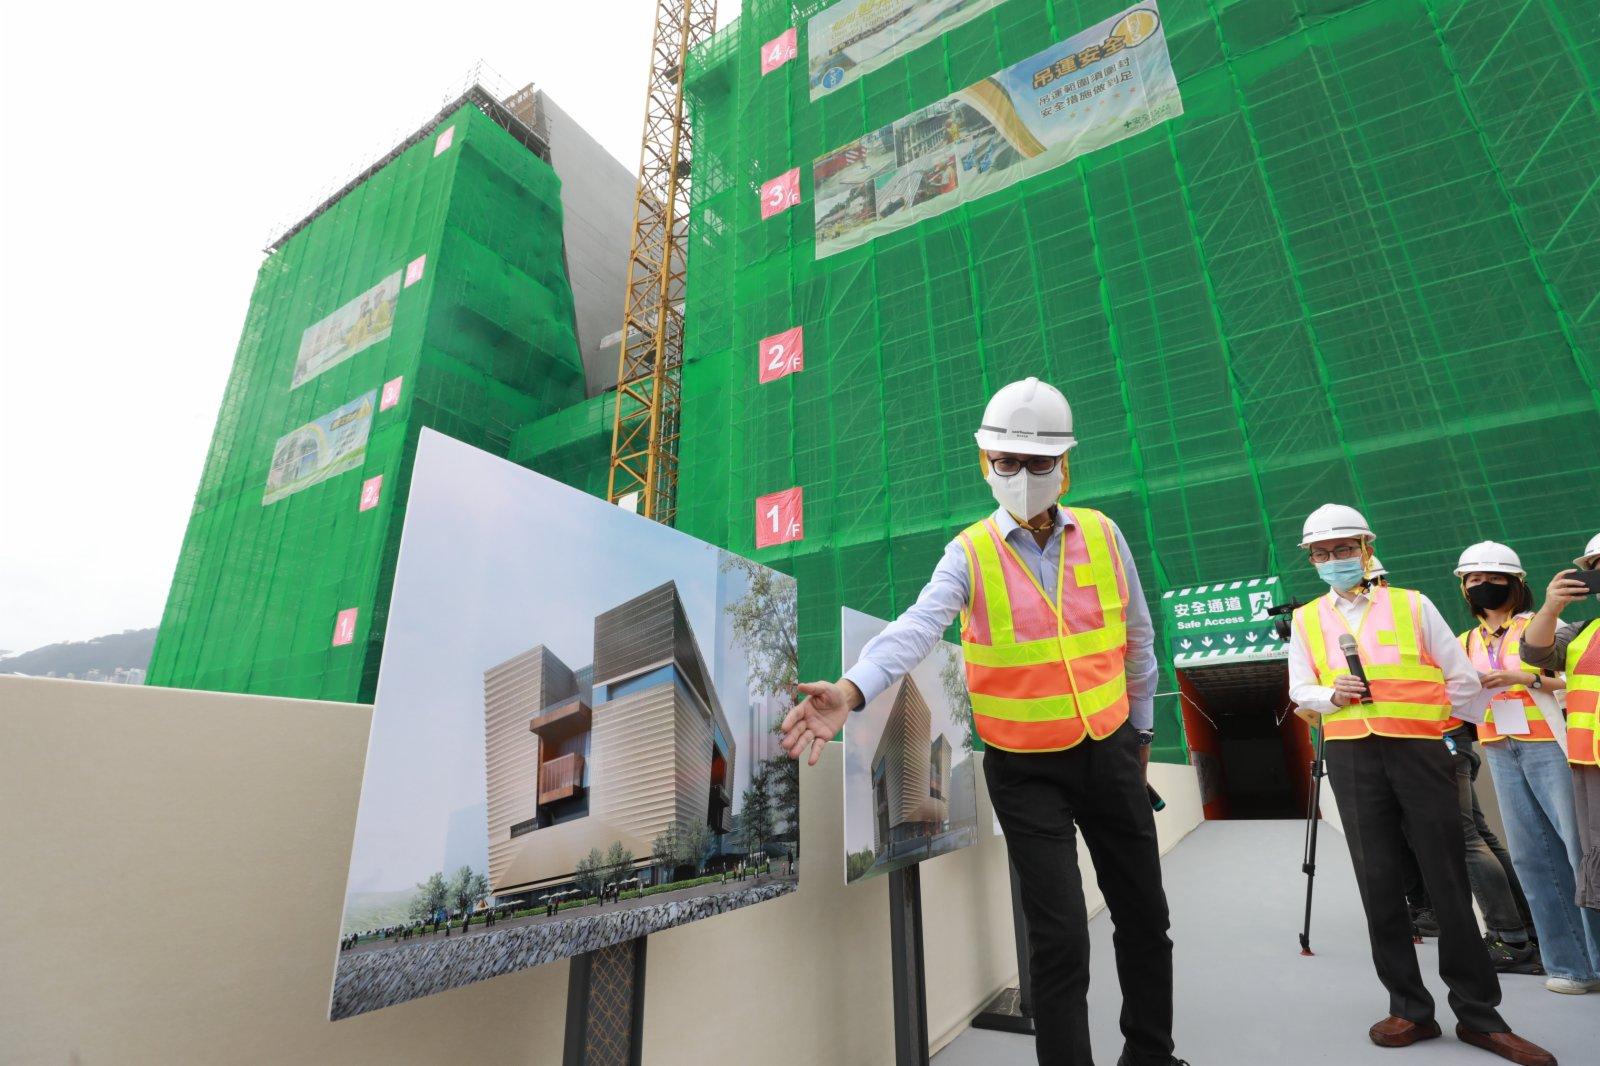 西九管理局近日表示,位於西九文化區的「香港故宮文化博物館」大樓7月已平頂,稍後將陸續安排接收北京800件文物,預計2022年中開幕迎客。